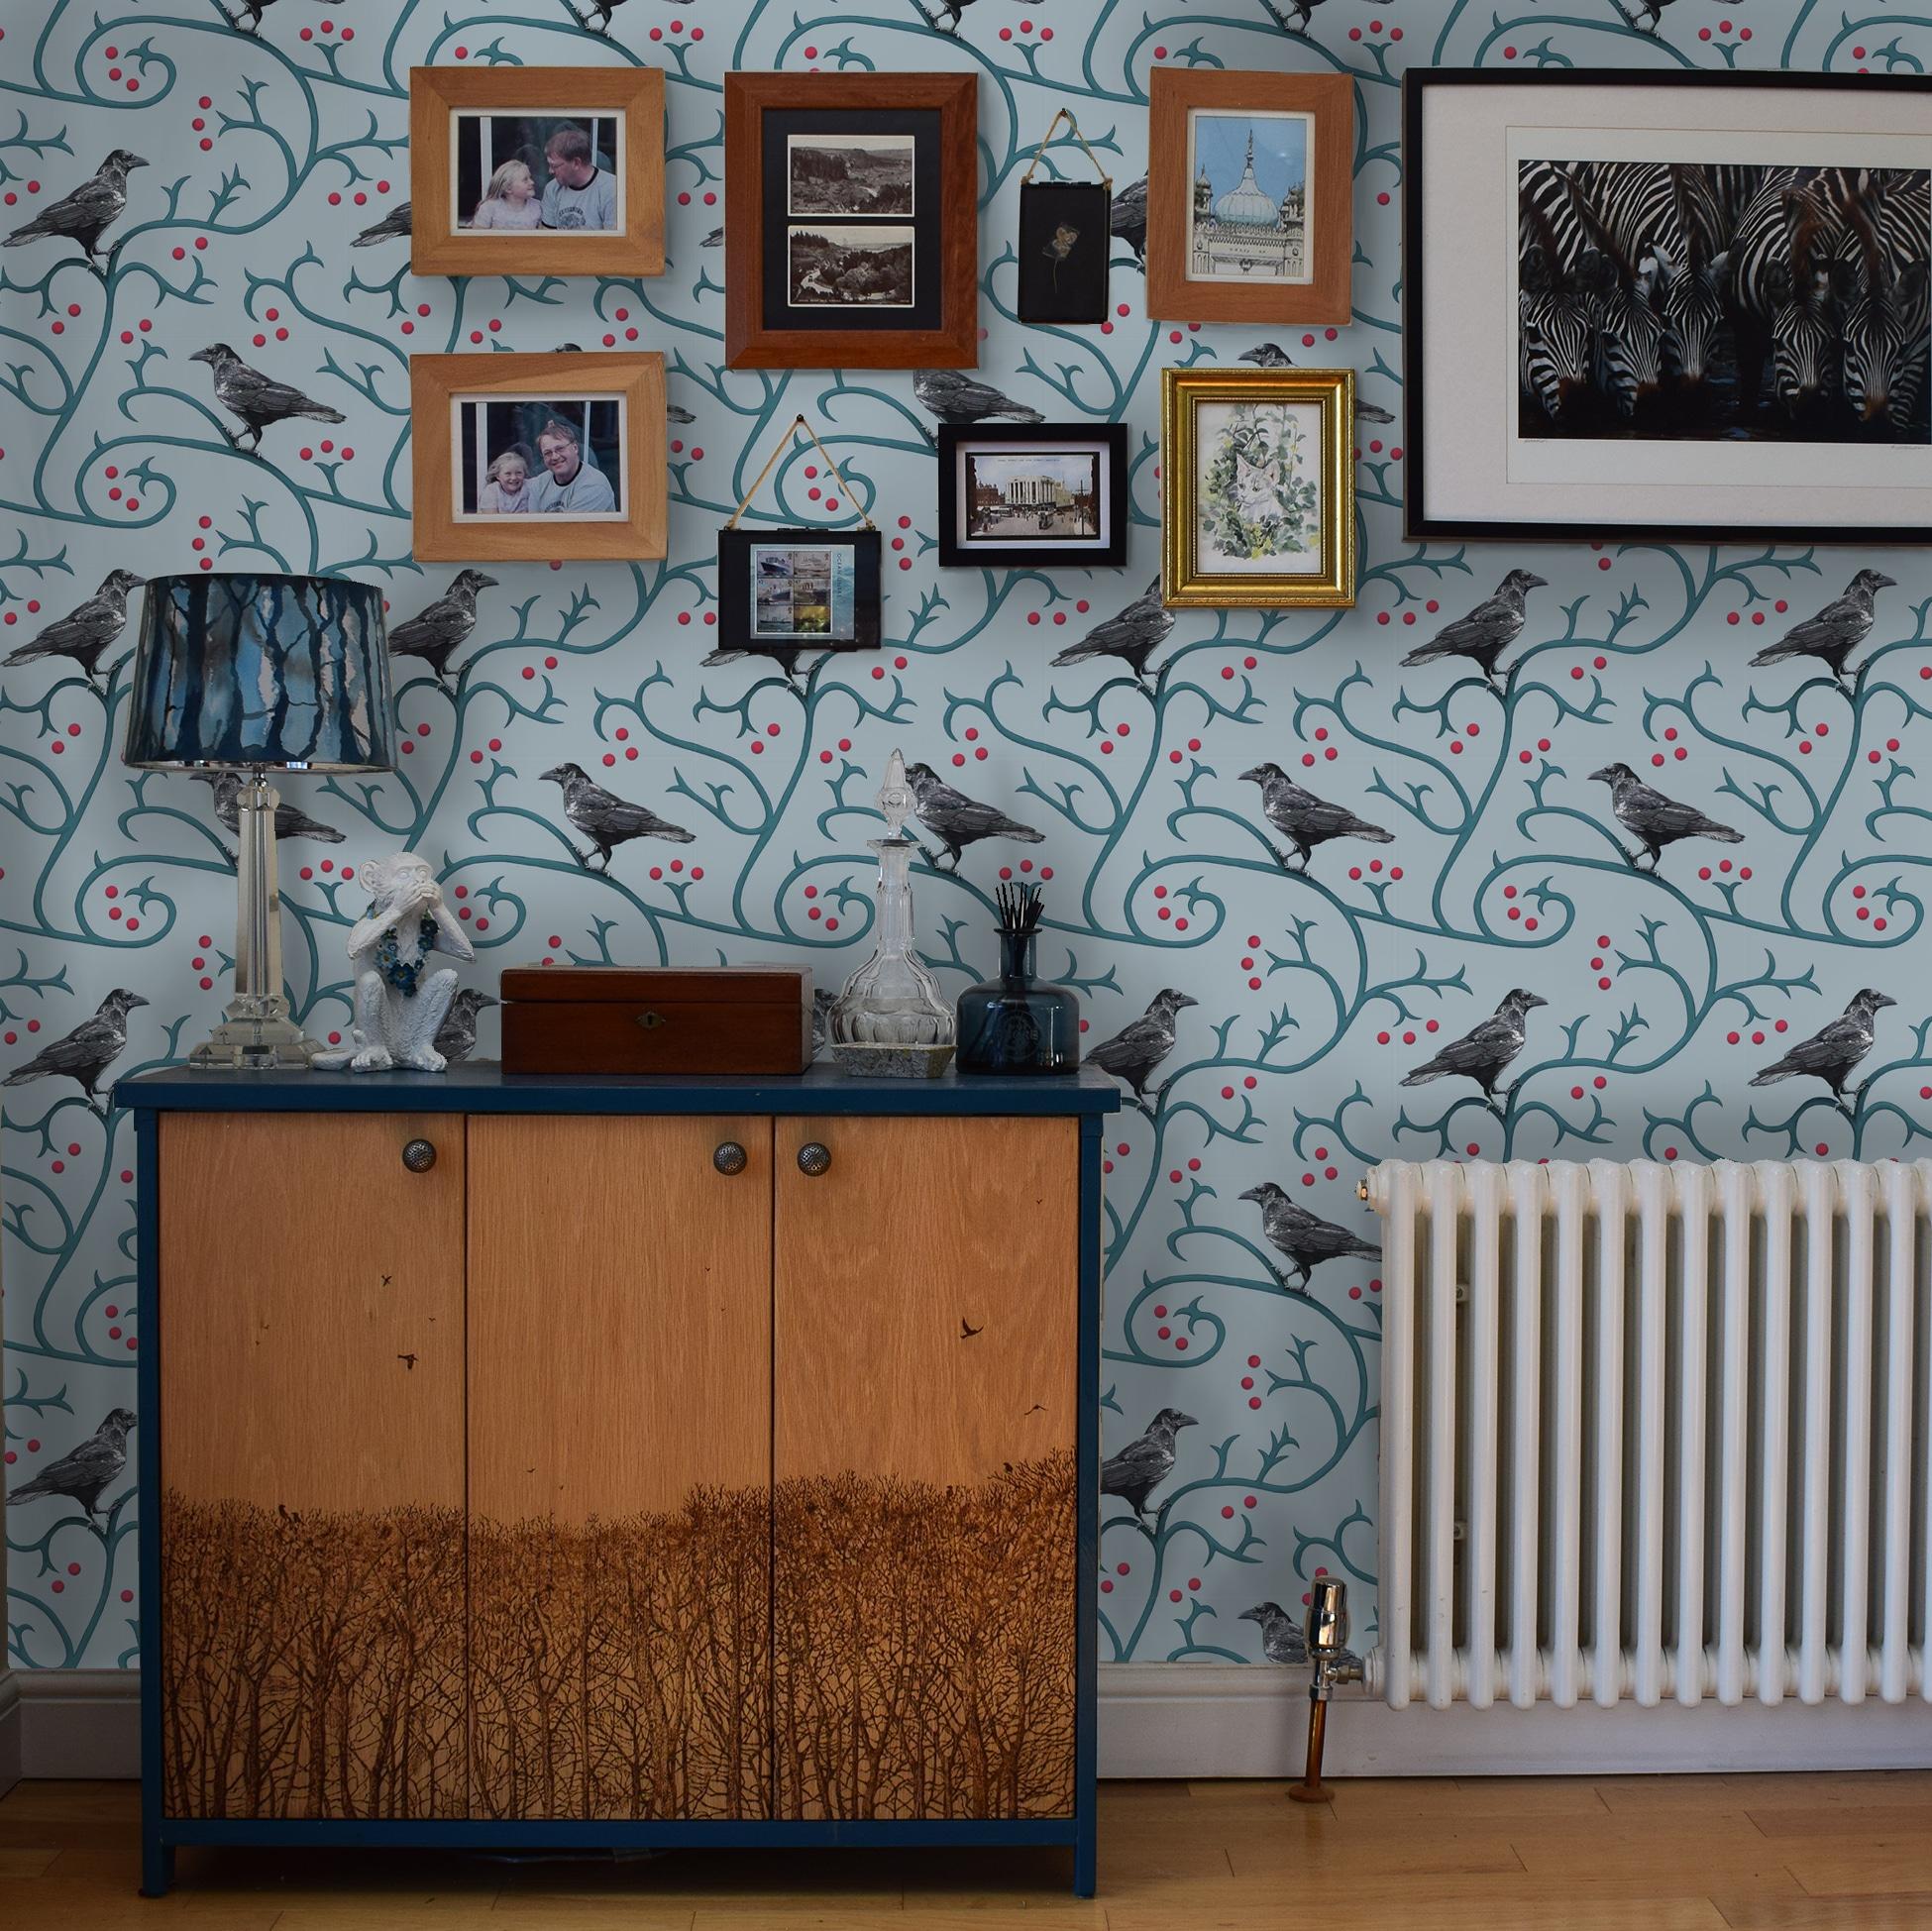 crow-wallpaper-room